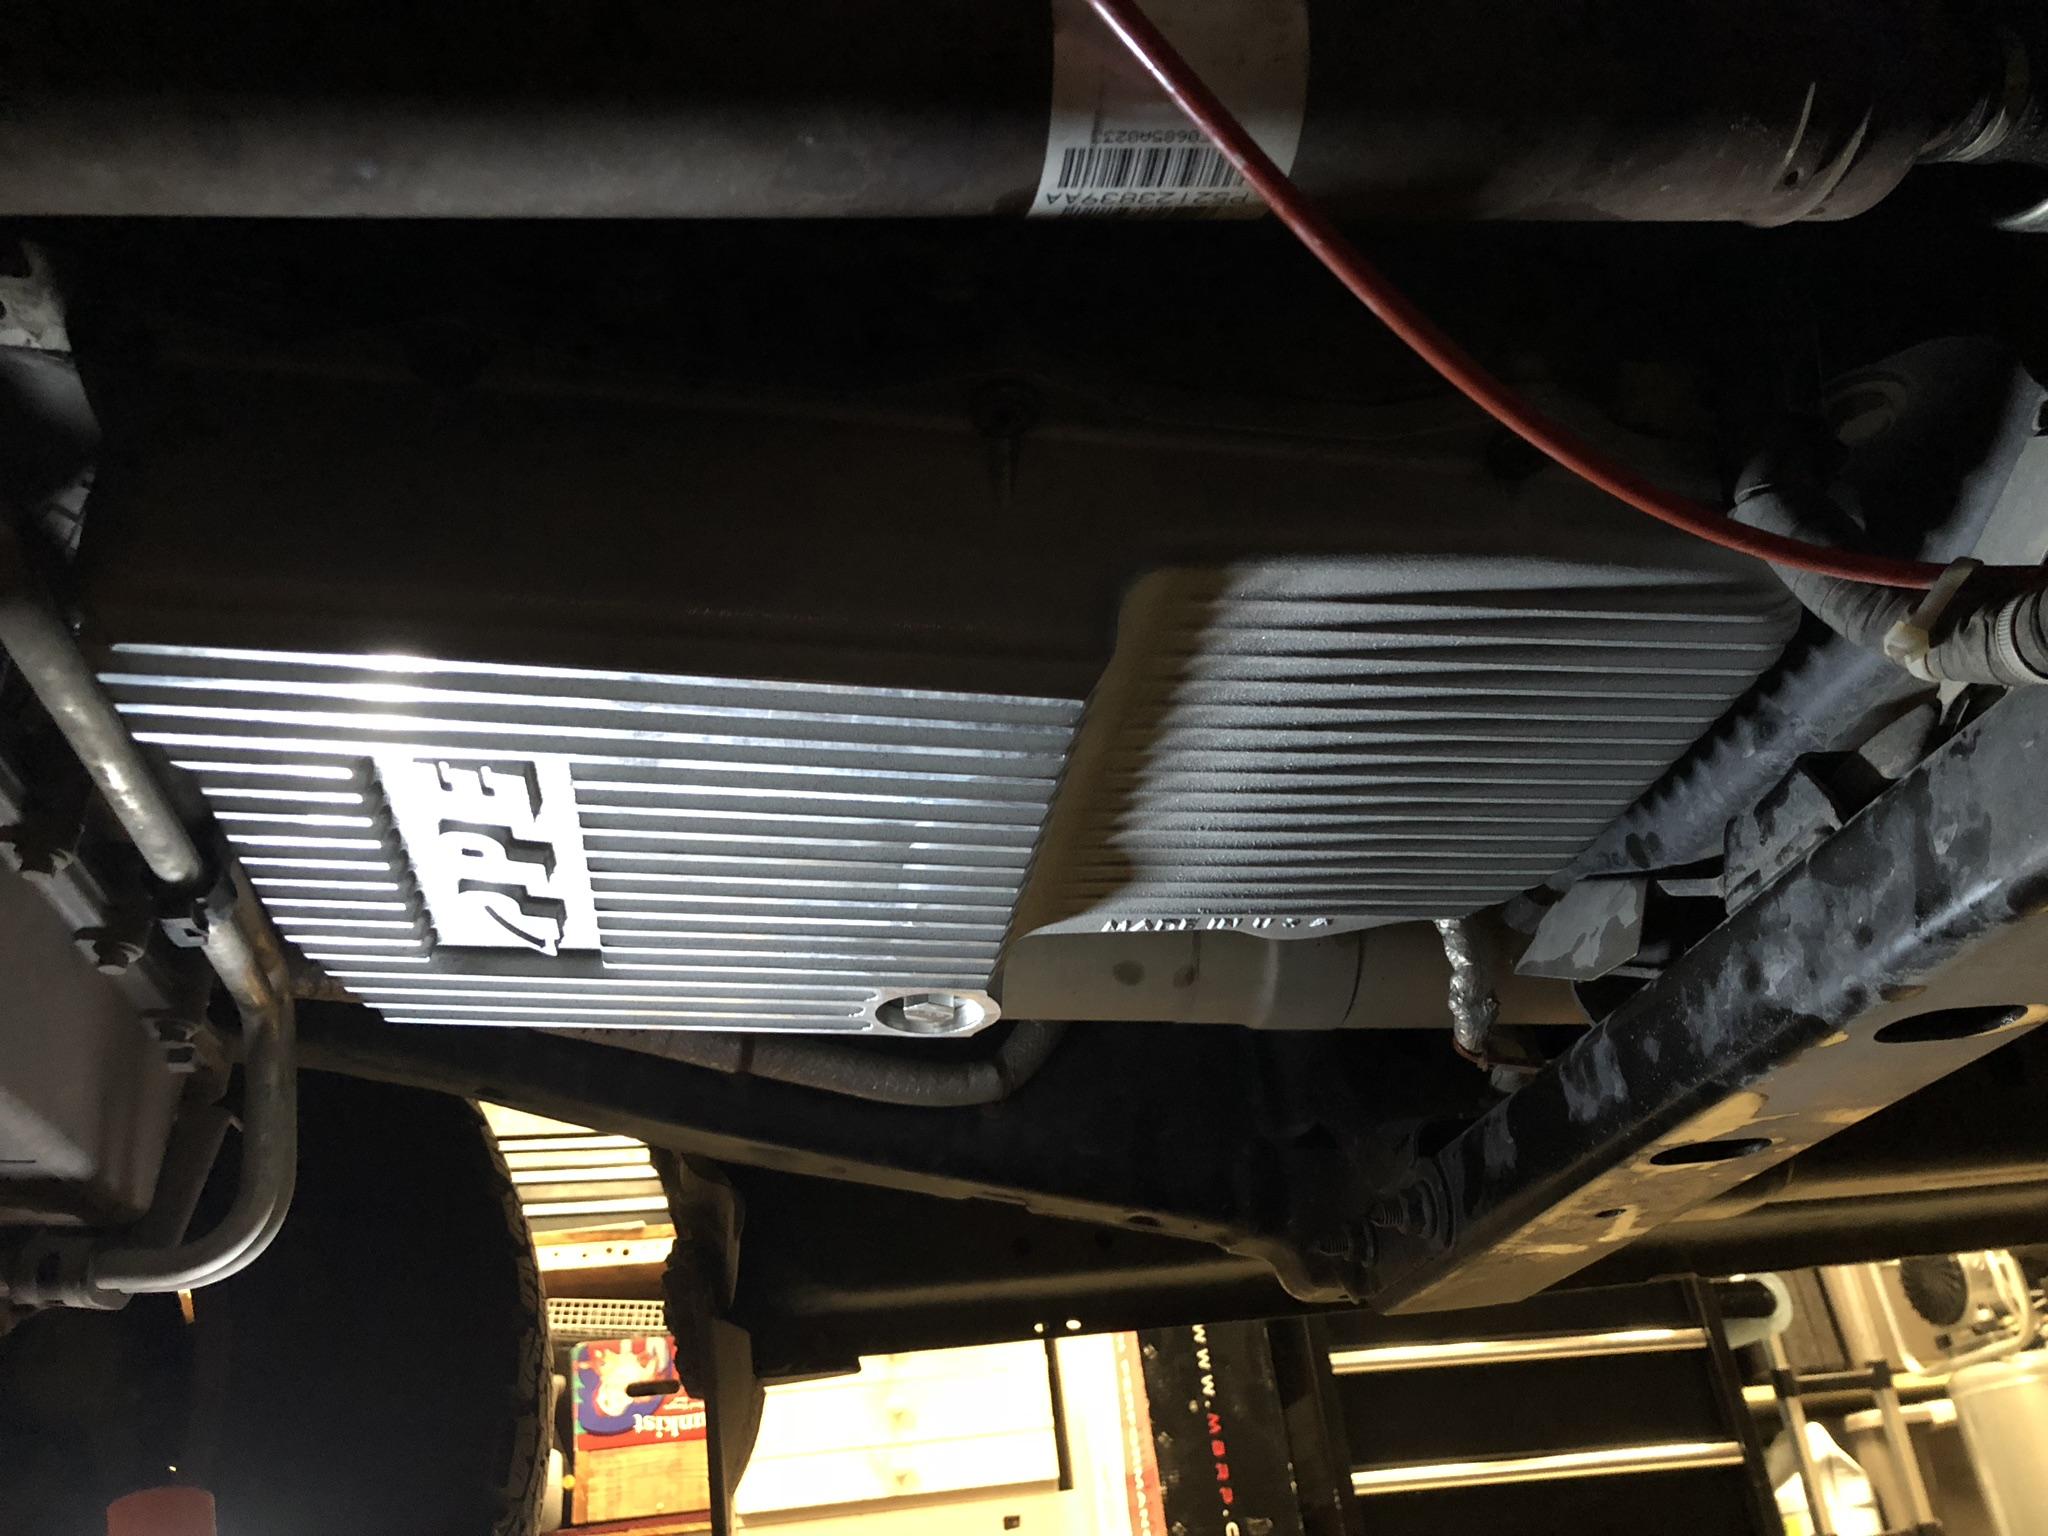 Ram Big Horn >> PPE transmission pan upgrade